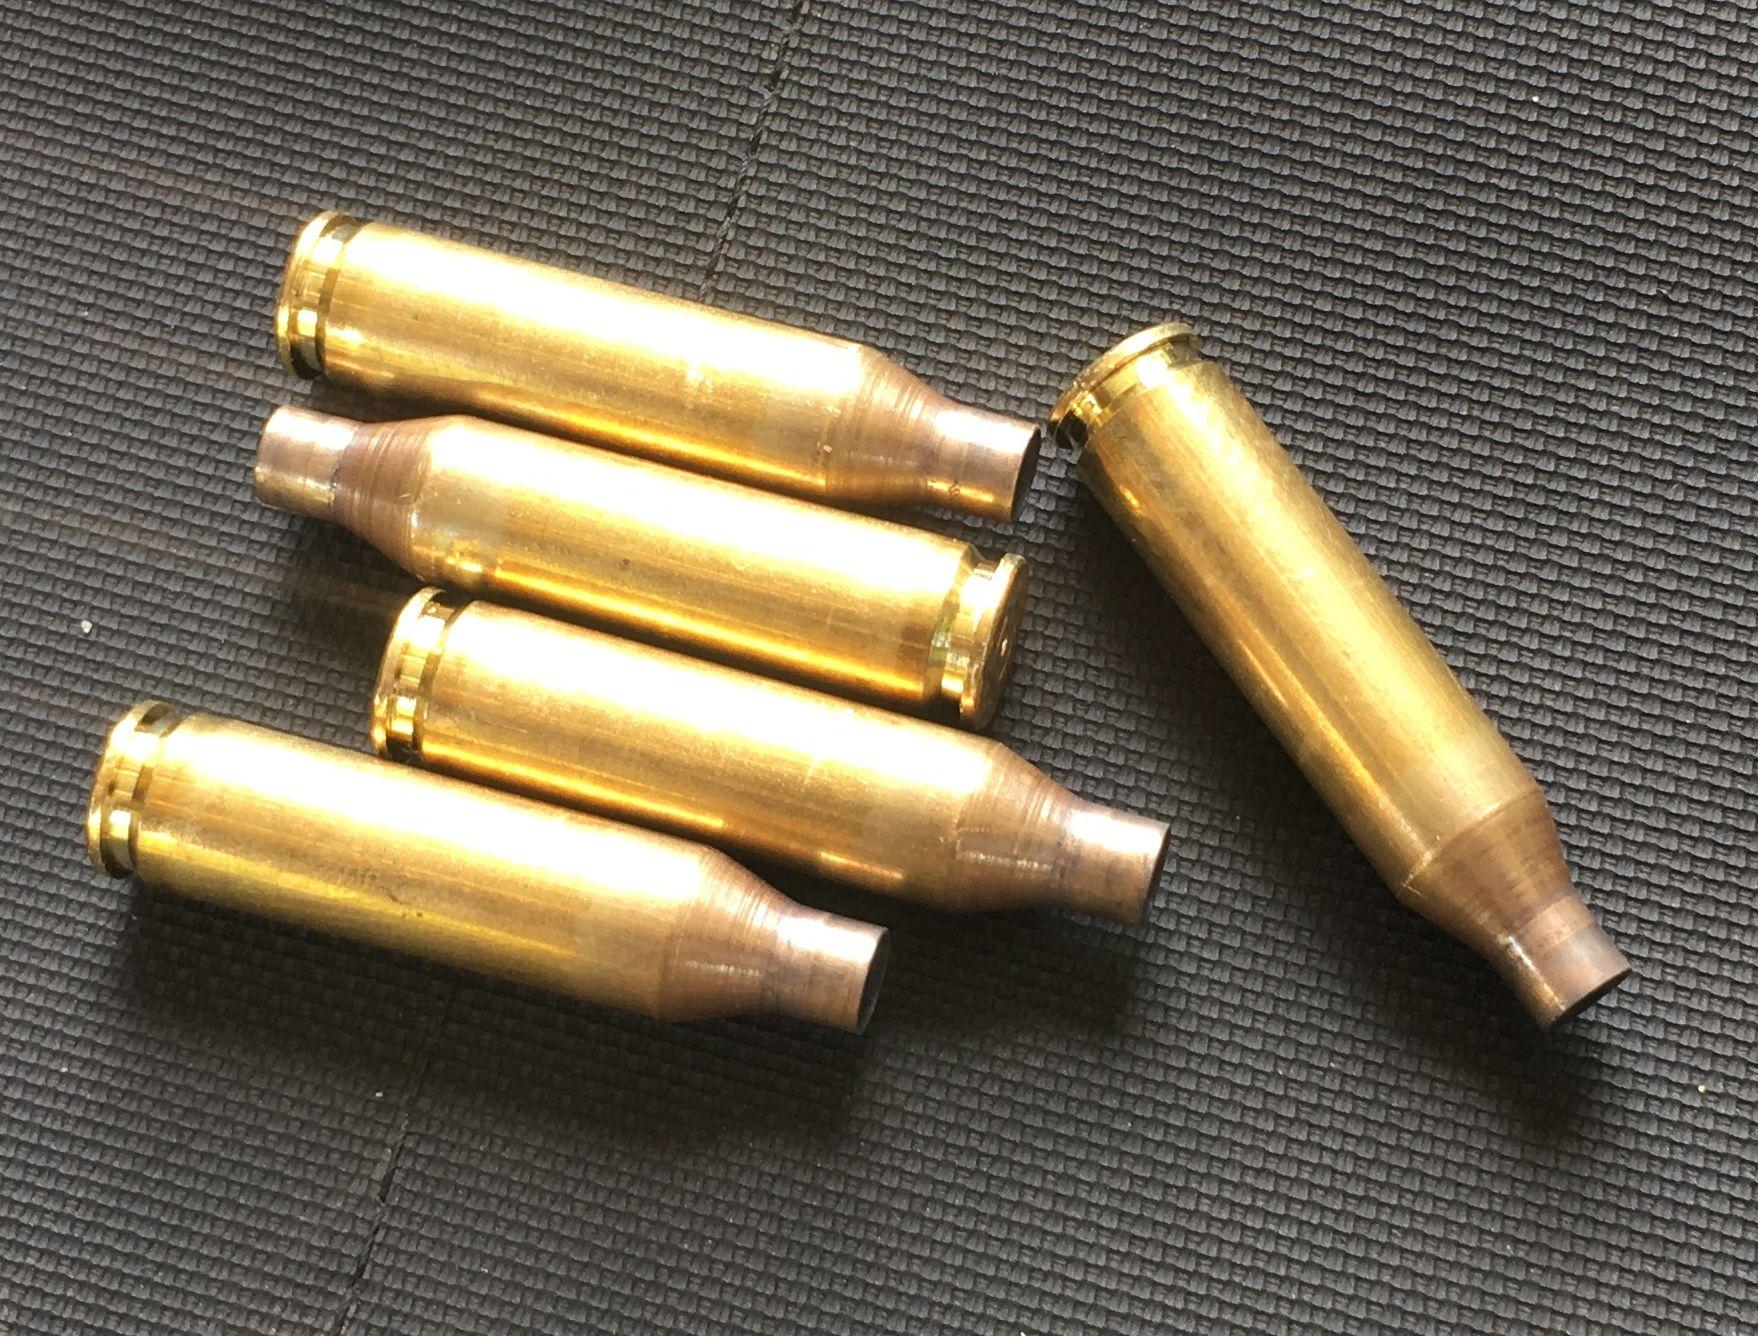 243 lapua brass